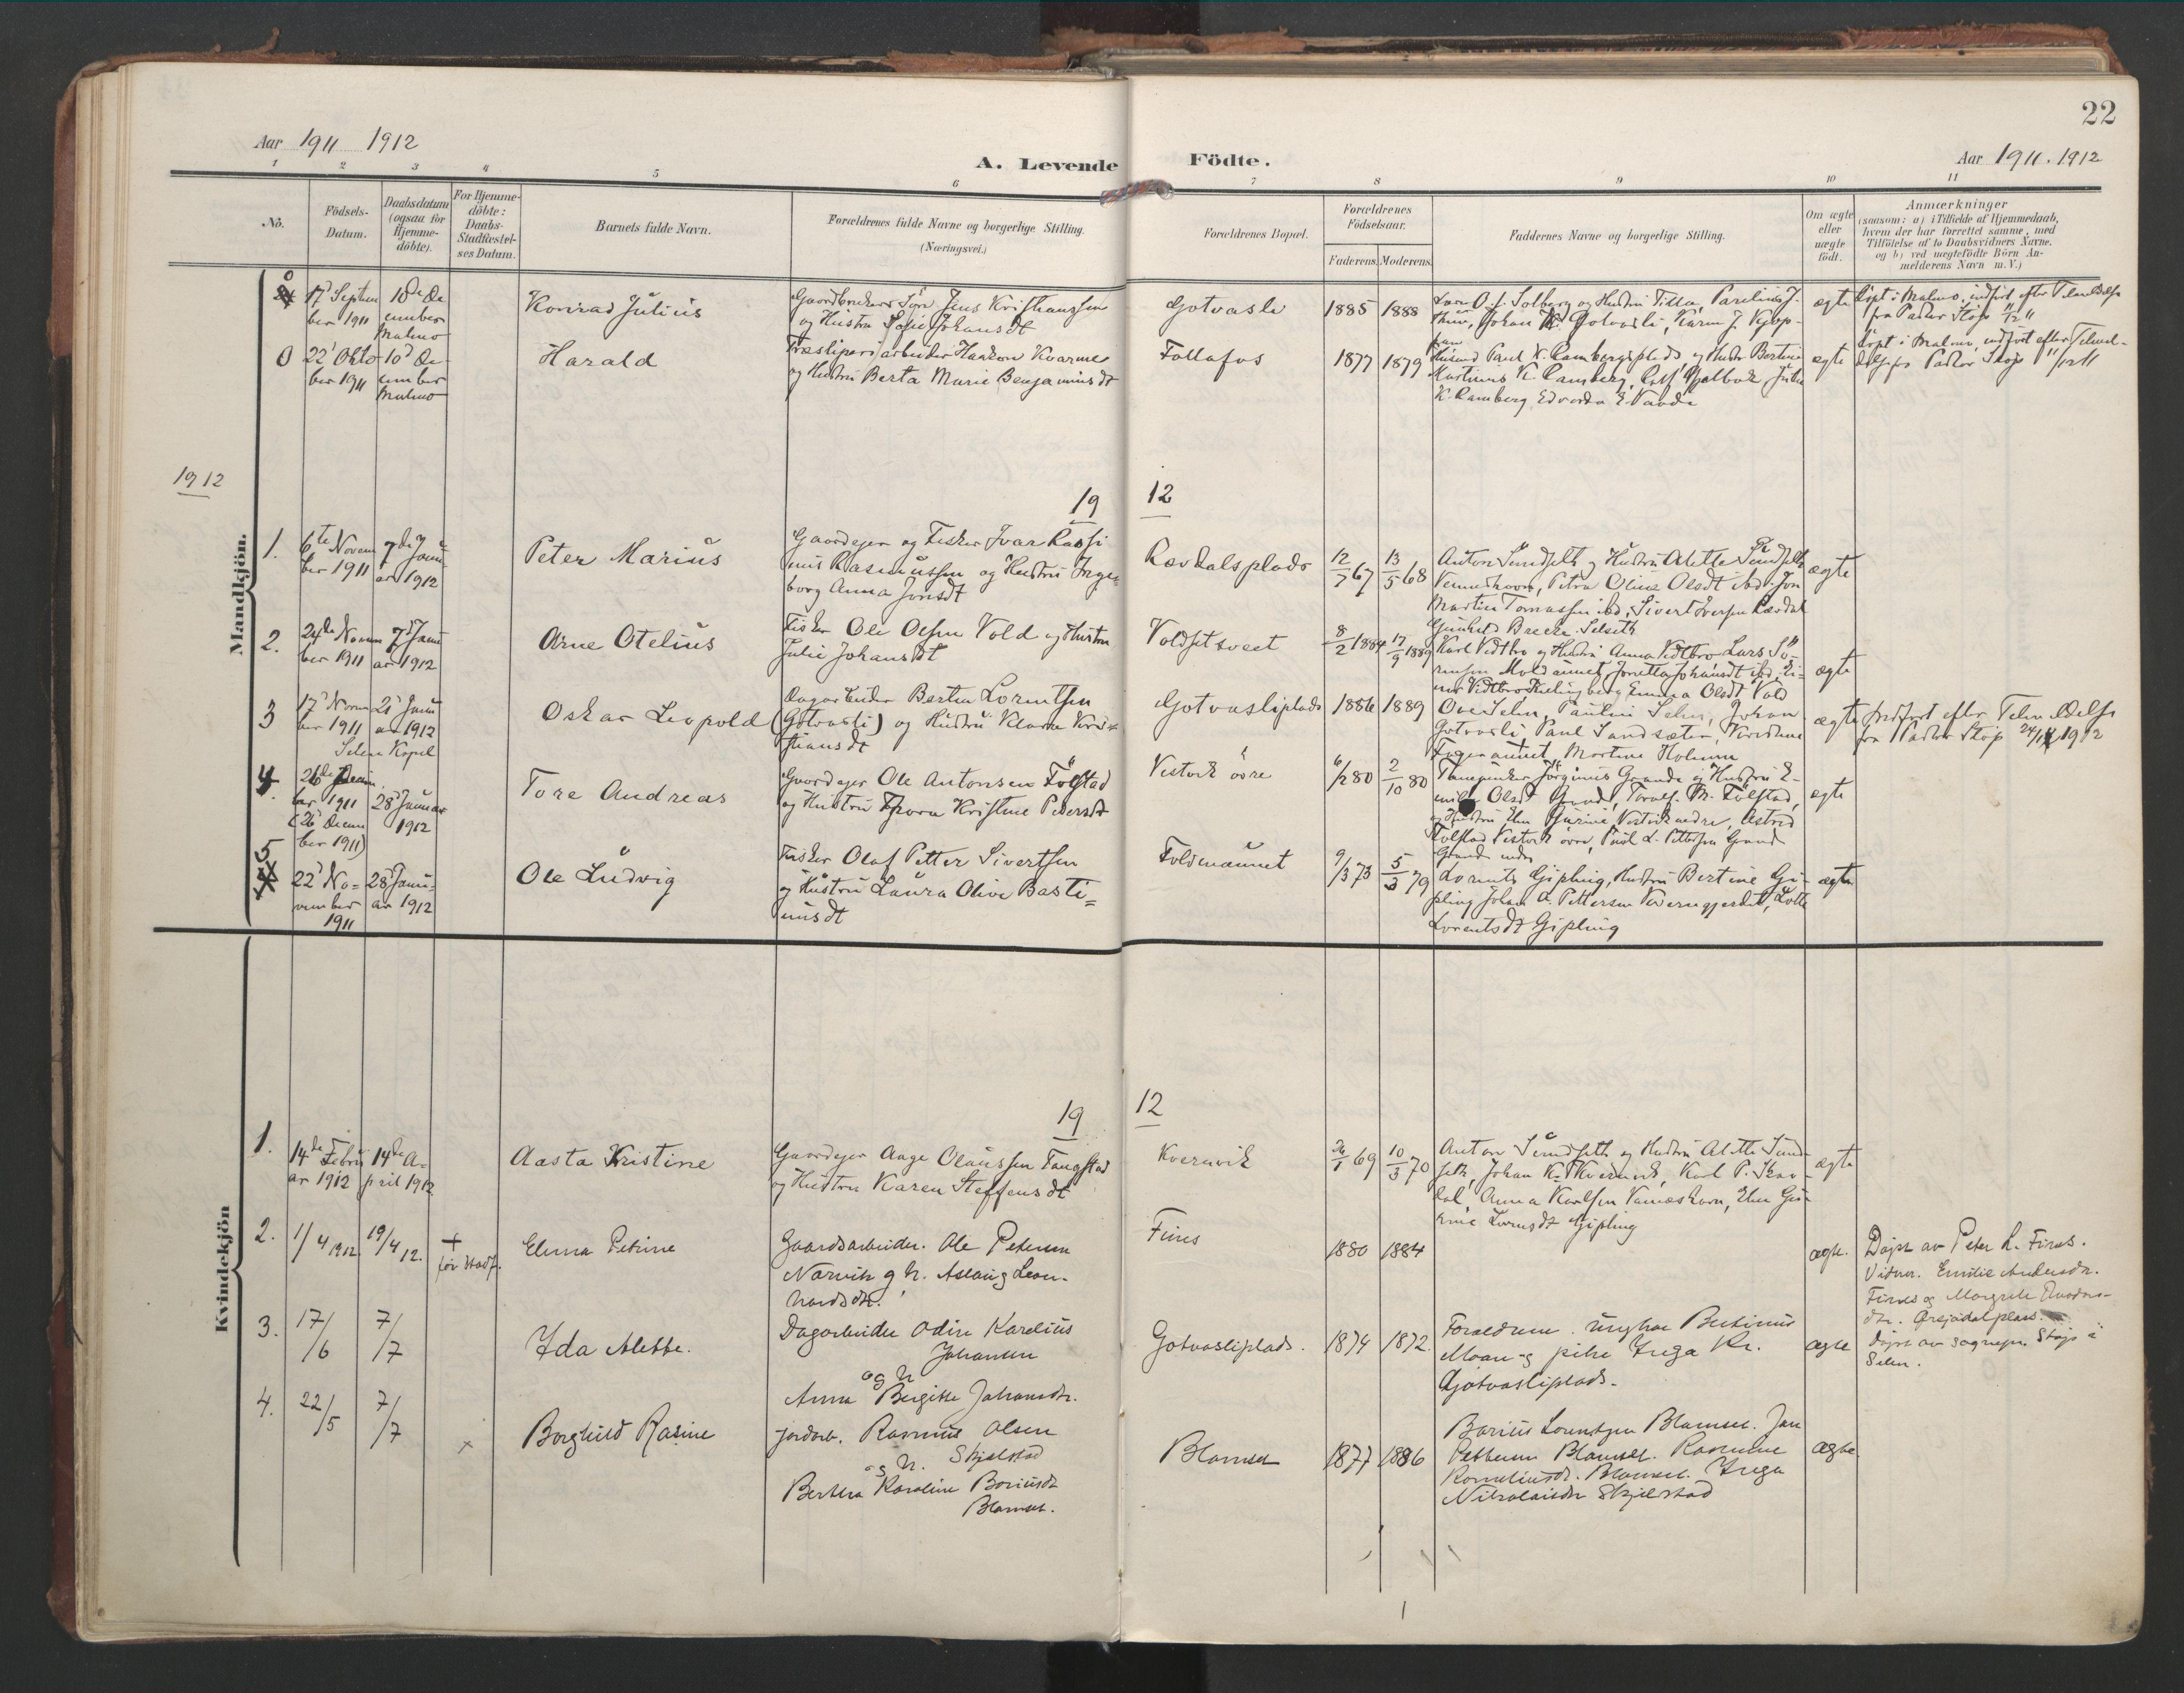 SAT, Ministerialprotokoller, klokkerbøker og fødselsregistre - Nord-Trøndelag, 744/L0421: Ministerialbok nr. 744A05, 1905-1930, s. 22